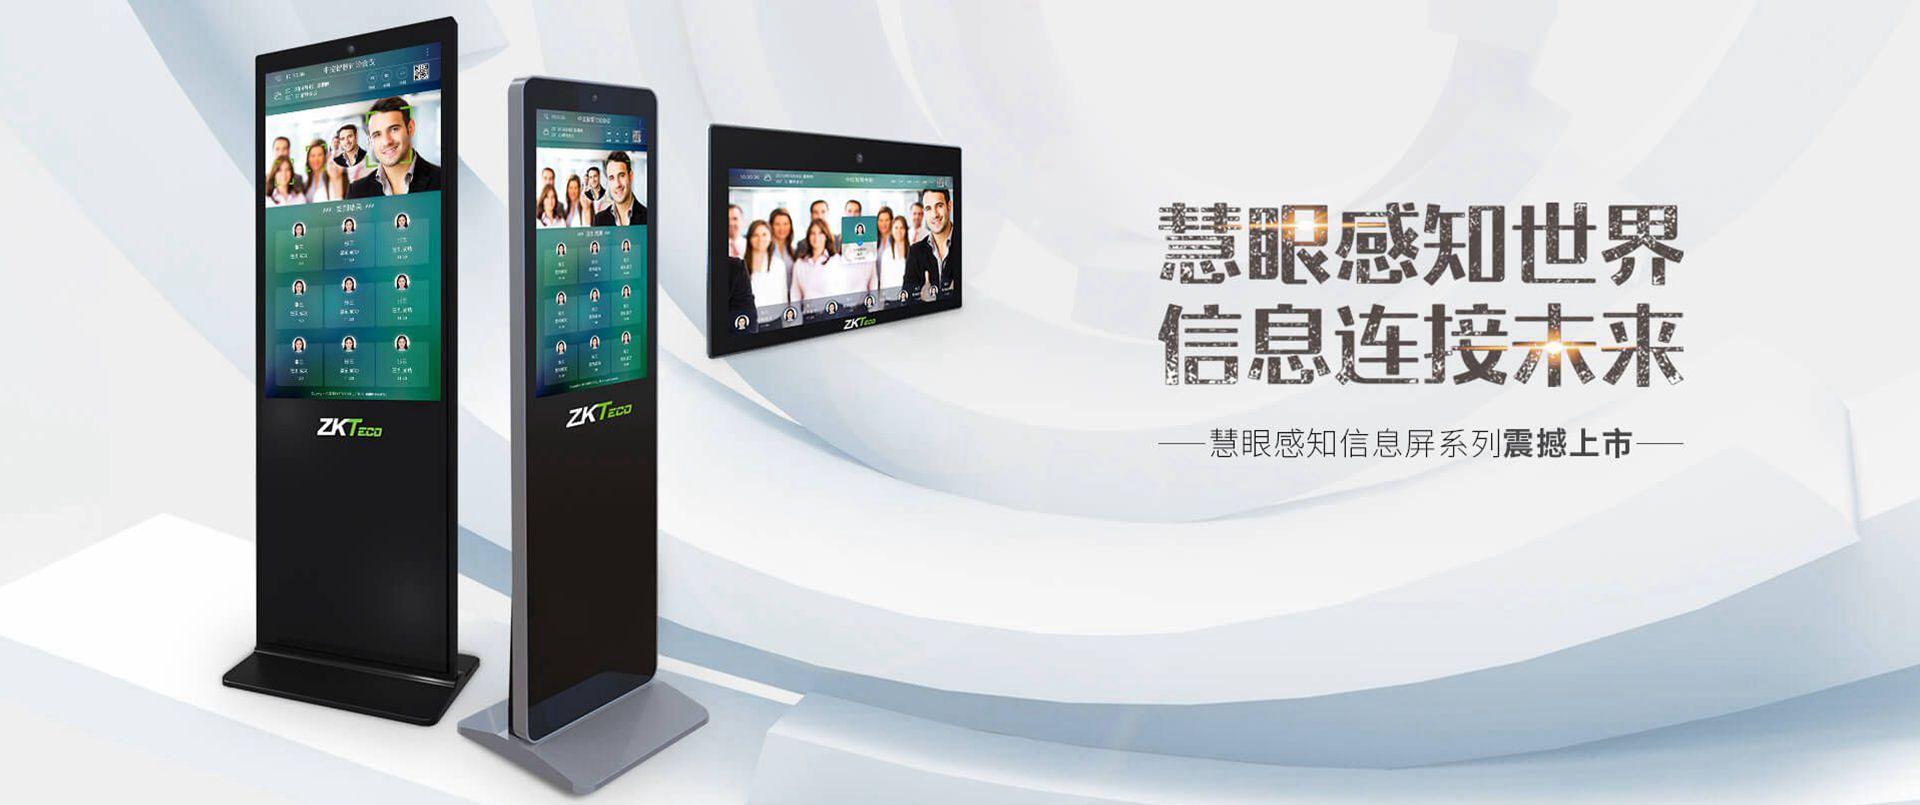 智慧眼信息屏_上海直前智能科技有限公司